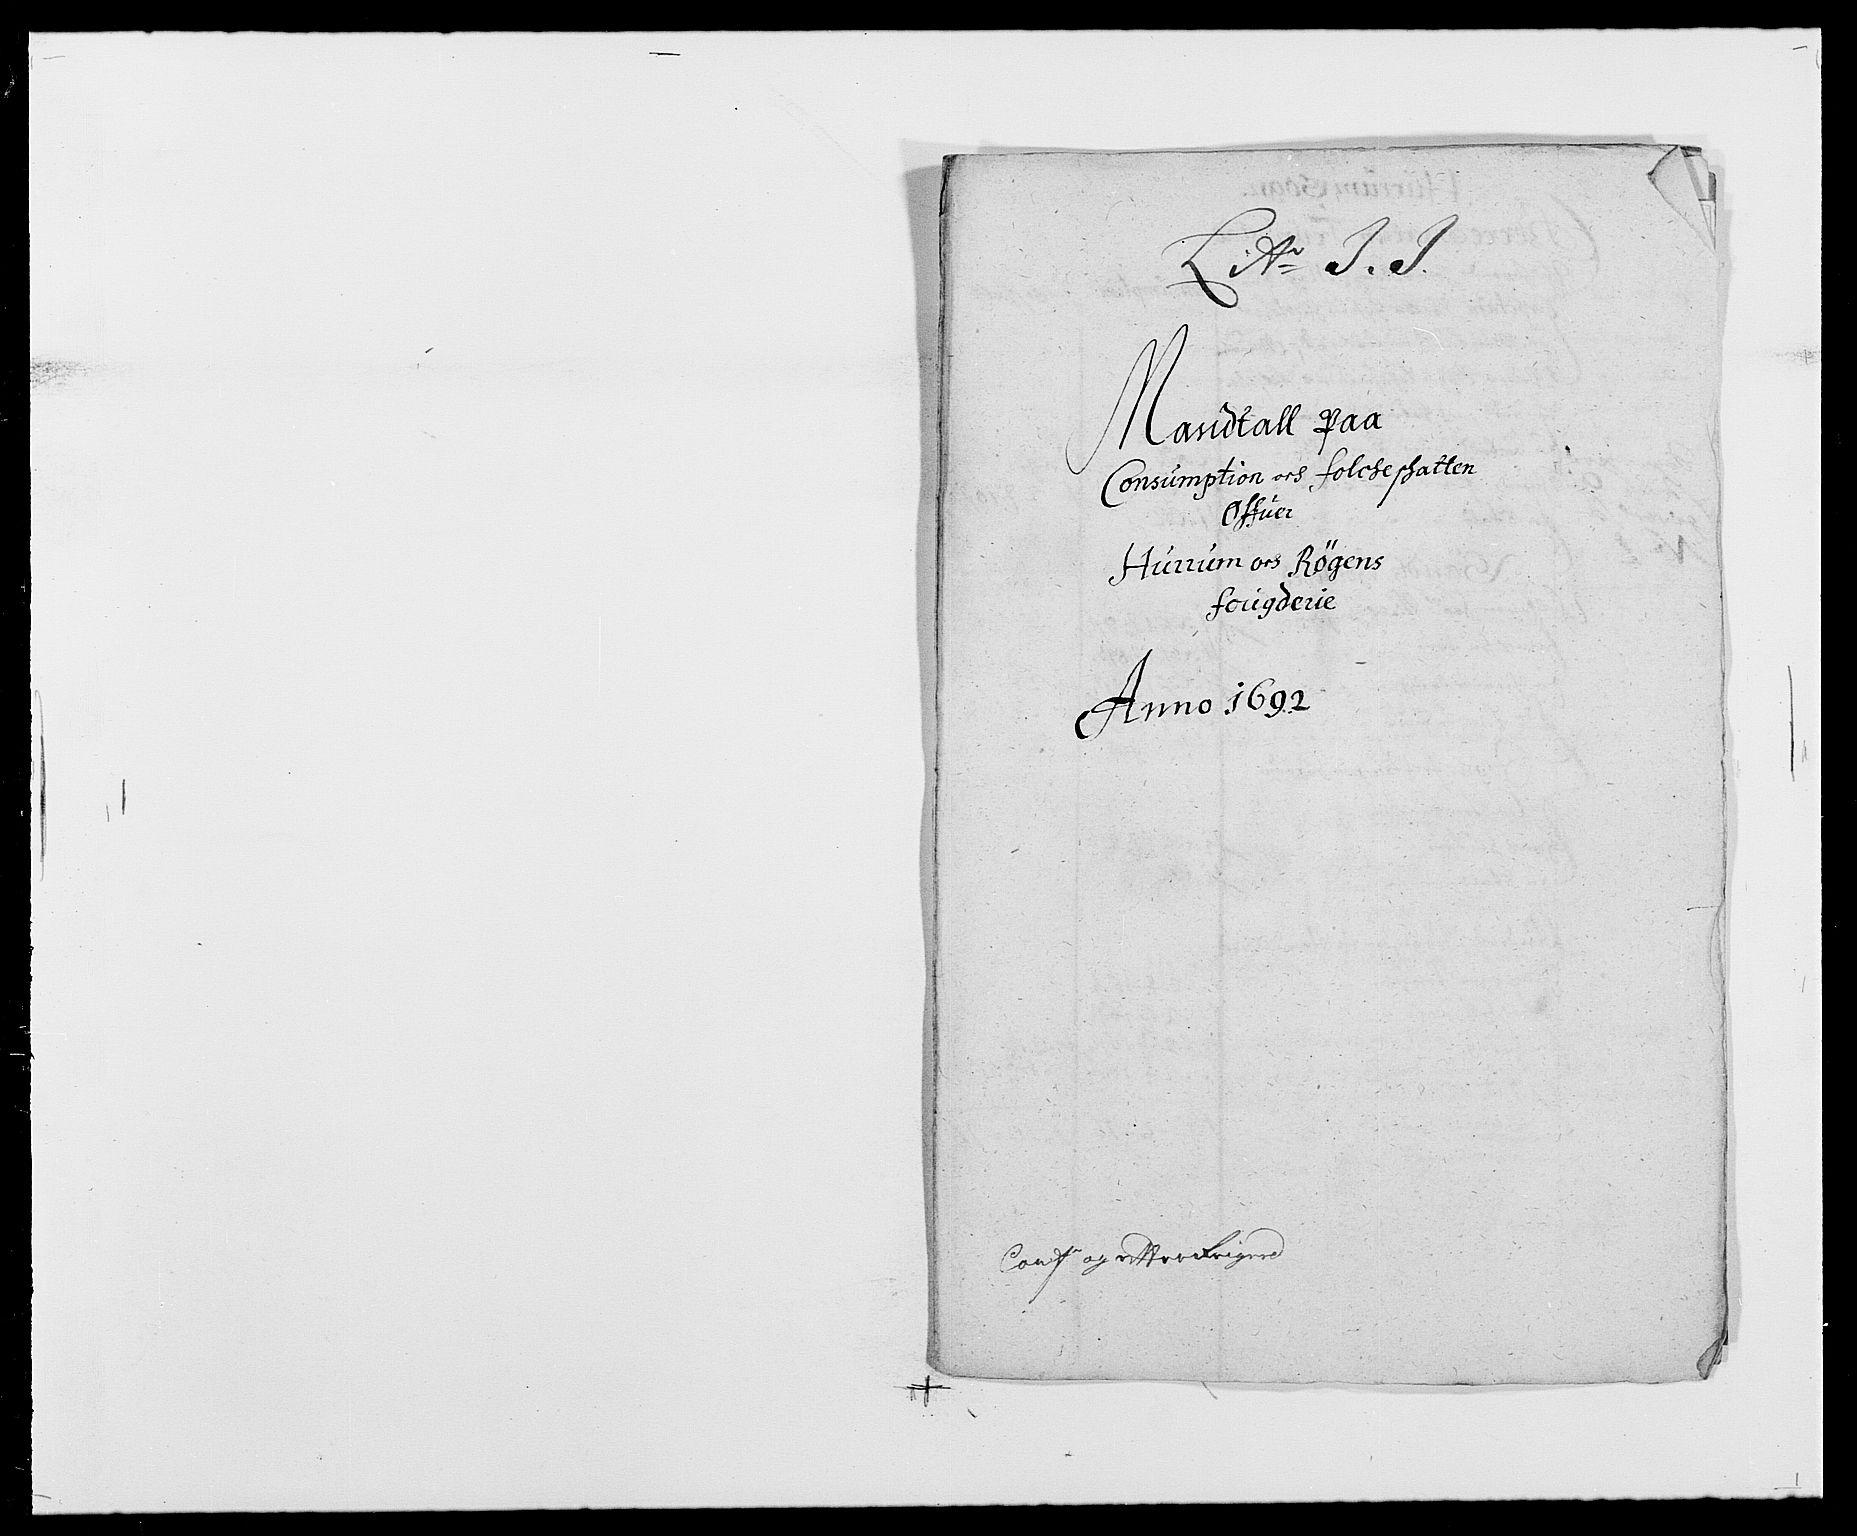 RA, Rentekammeret inntil 1814, Reviderte regnskaper, Fogderegnskap, R29/L1693: Fogderegnskap Hurum og Røyken, 1688-1693, s. 262